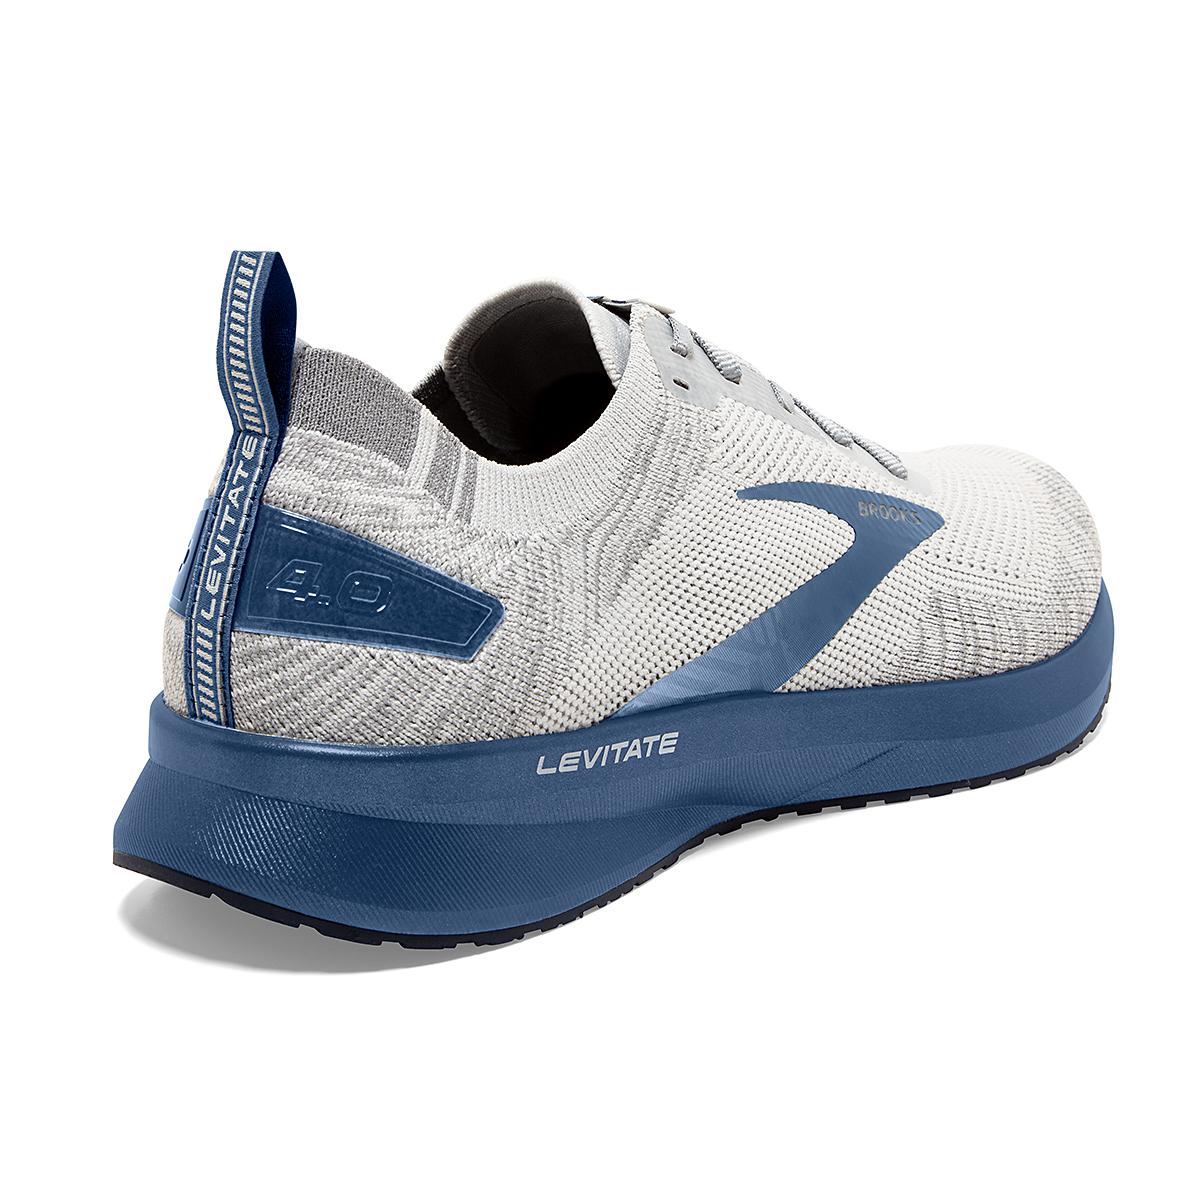 Men's Brooks Levitate 4 Running Shoe - Color: Grey/Oyster/Blue - Size: 7 - Width: Regular, Grey/Oyster/Blue, large, image 2